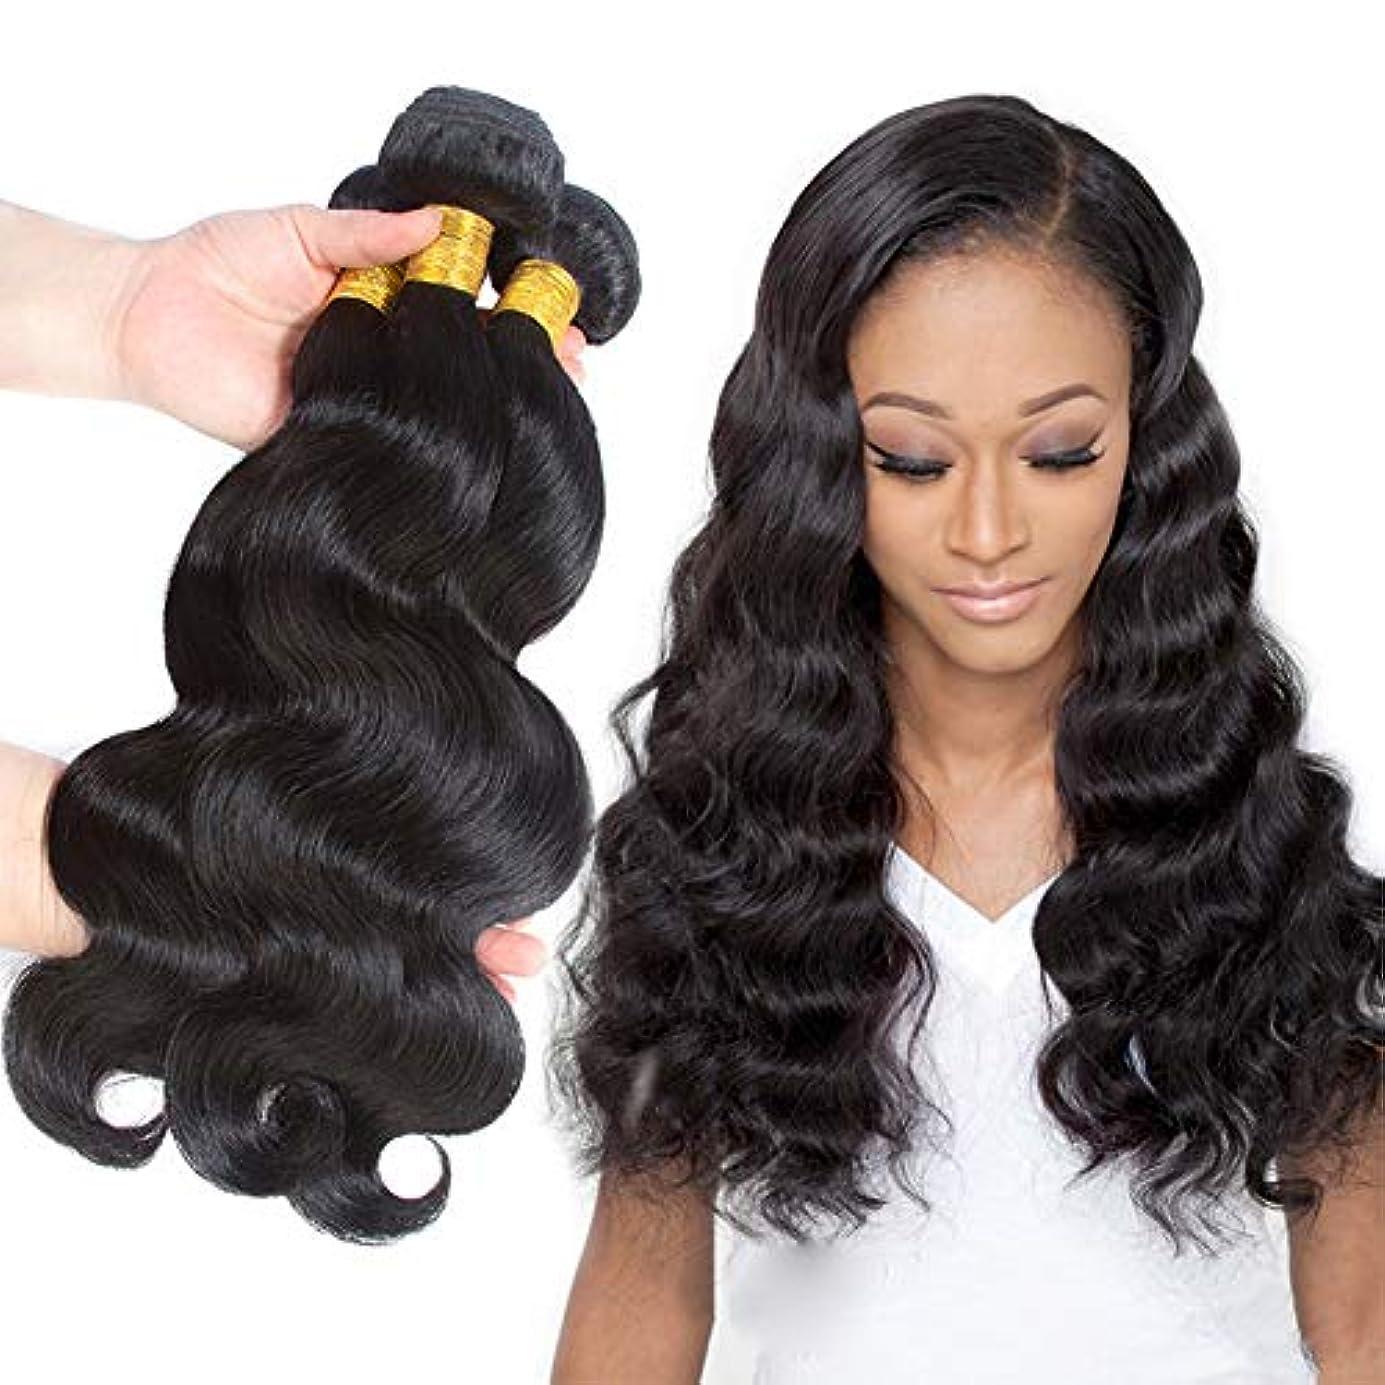 滅びる従事するバスルームWASAIO 10インチ-26インチ)、ブラジルのボディウェーブの人間の毛髪の束スタイルの交換のための本能的な延長の付属品-色(100g / 1バンドル) (色 : 黒, サイズ : 10 inch)